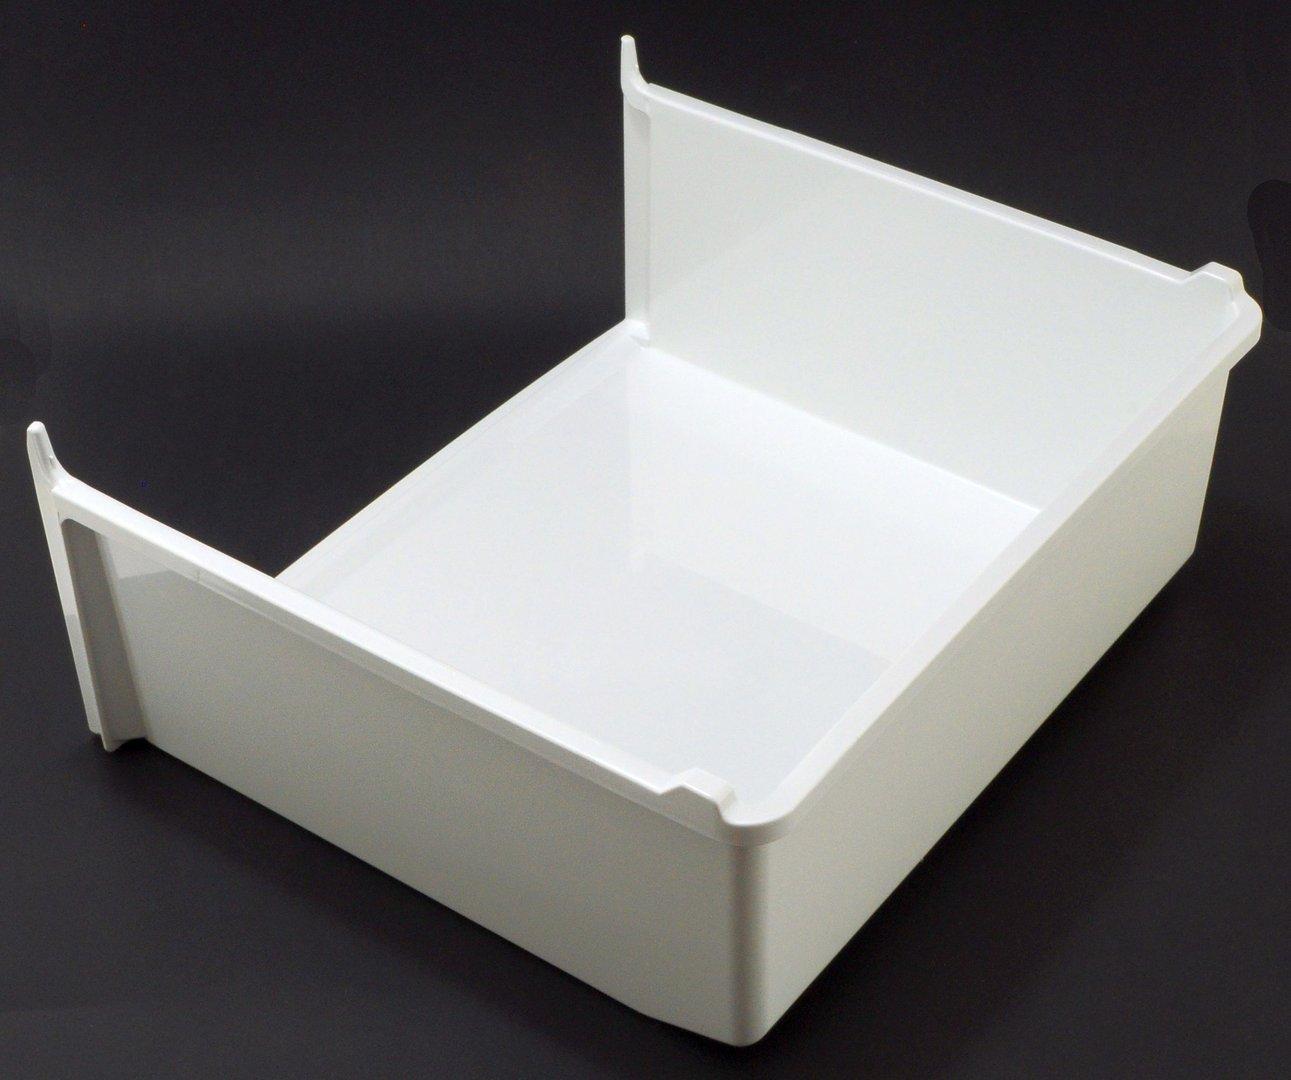 liebherr gefrierschrank schublade korpus mitte oben 7424815. Black Bedroom Furniture Sets. Home Design Ideas